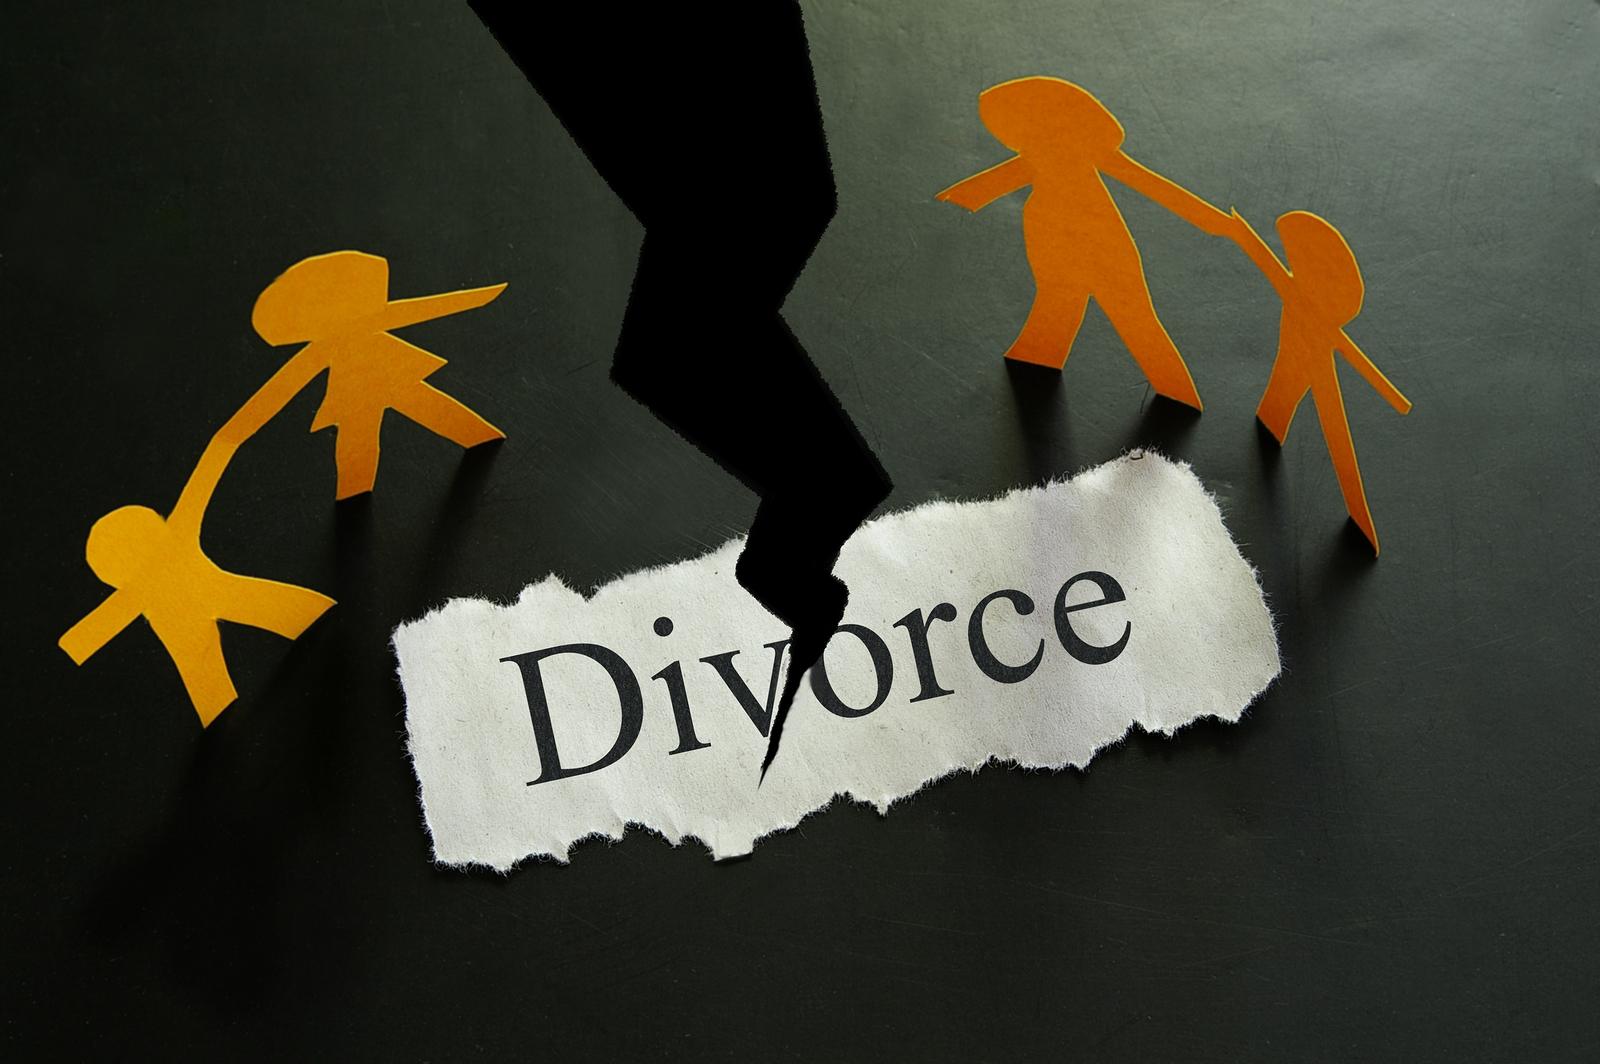 Divorce-image.jpg